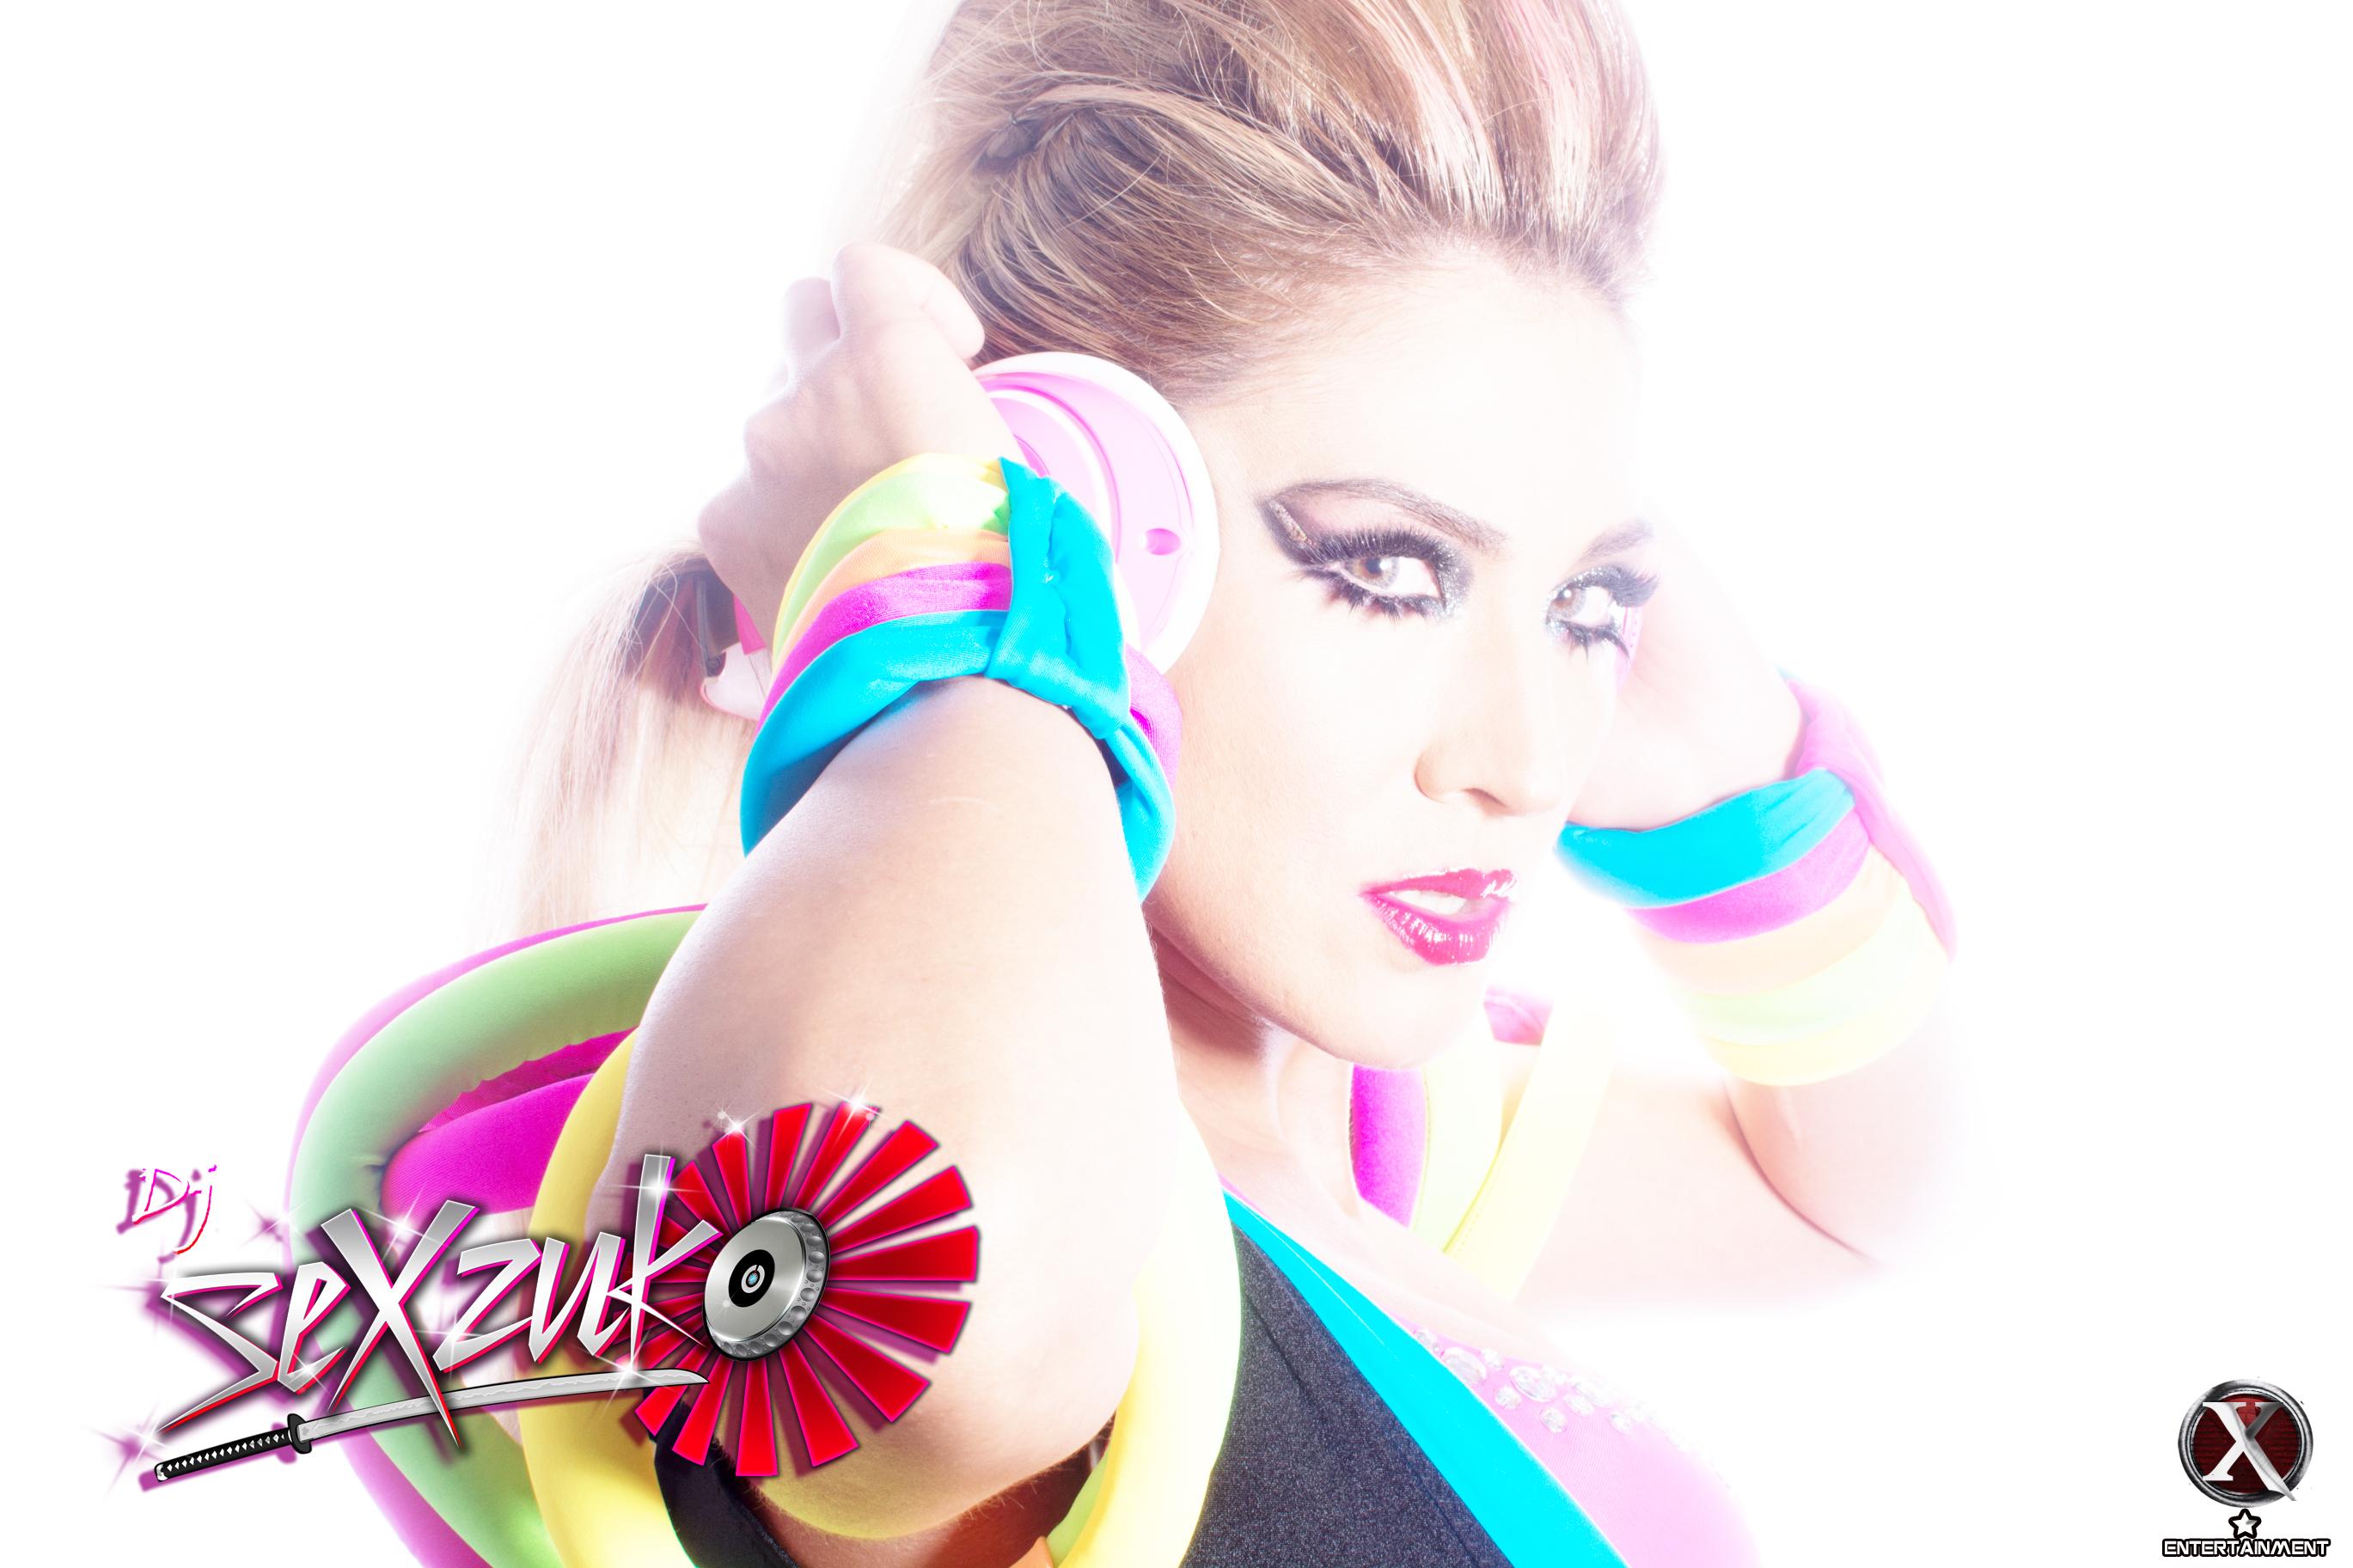 DJ-SEXZUKO-Poster-2